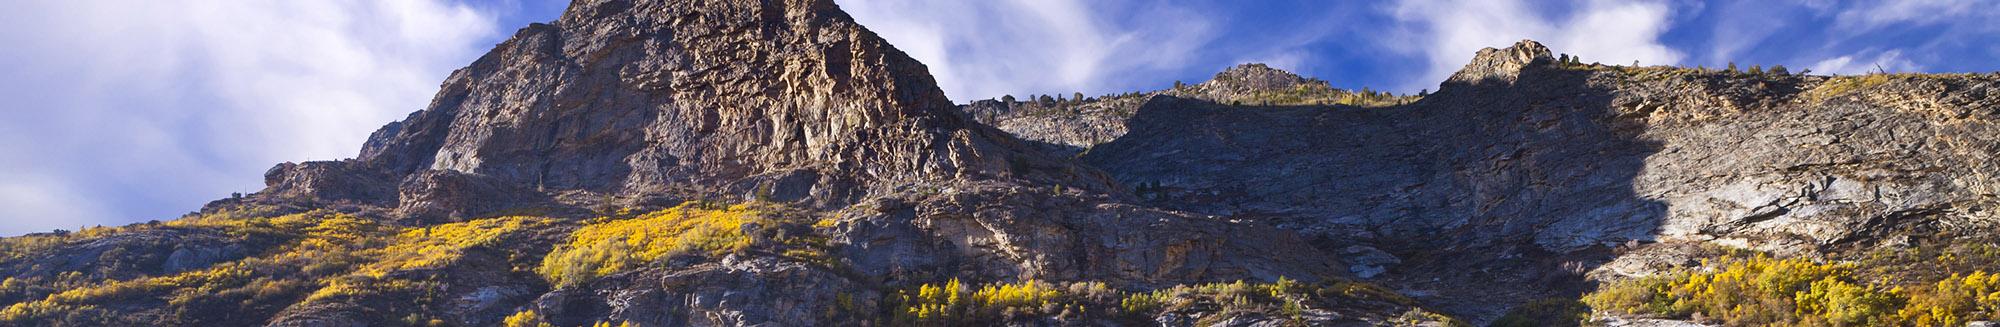 Lamoille Canyon mountains next to Elko County